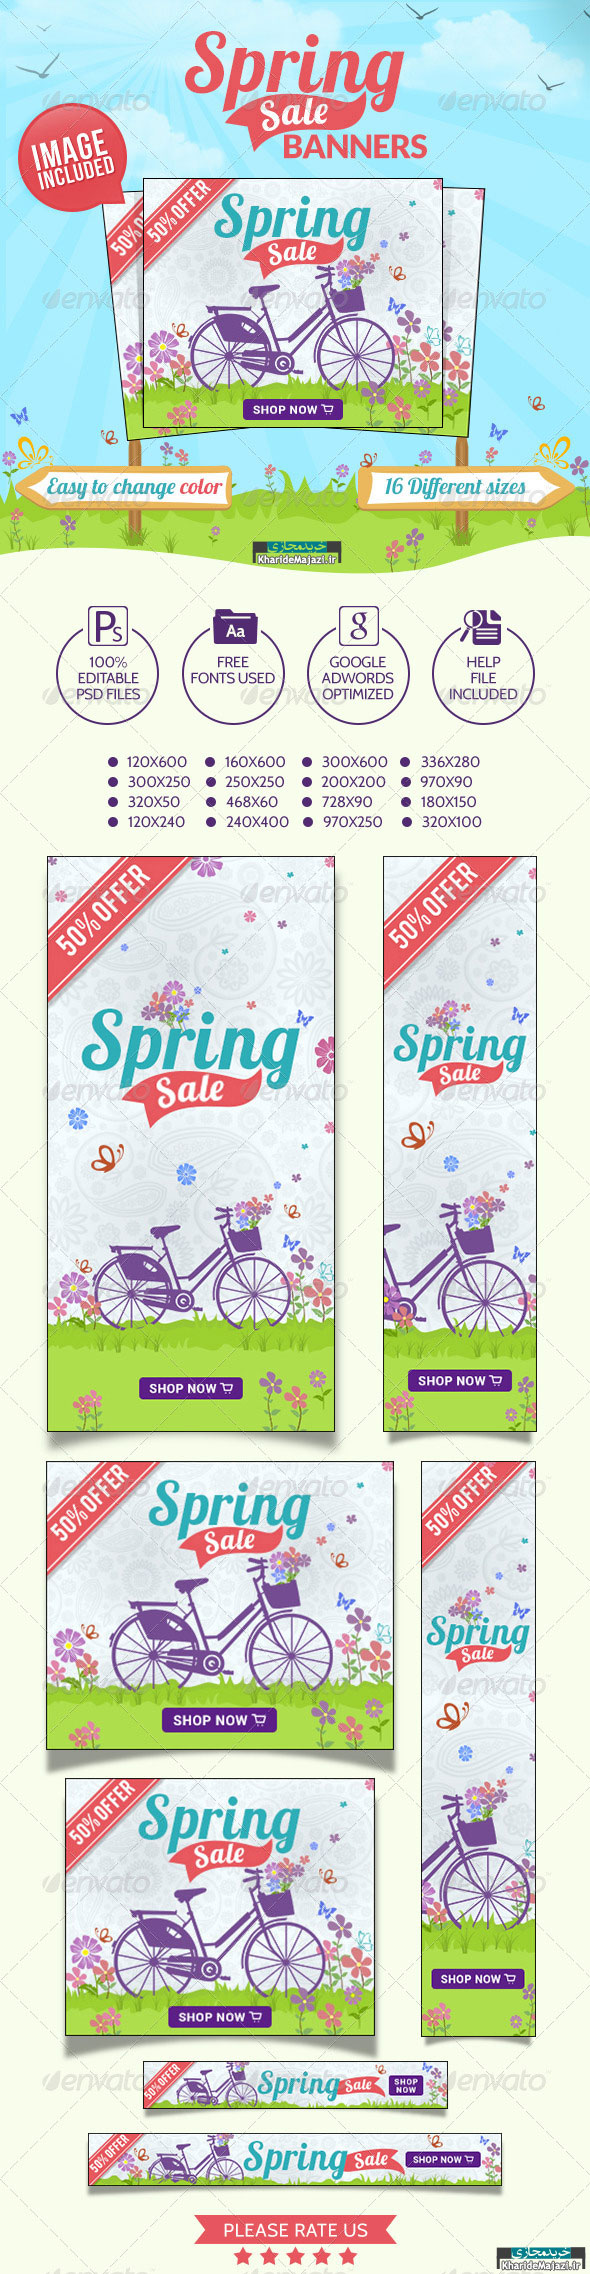 فایل PSD پکیج بنر فروش بهاره با طرح گل و دوچرخه